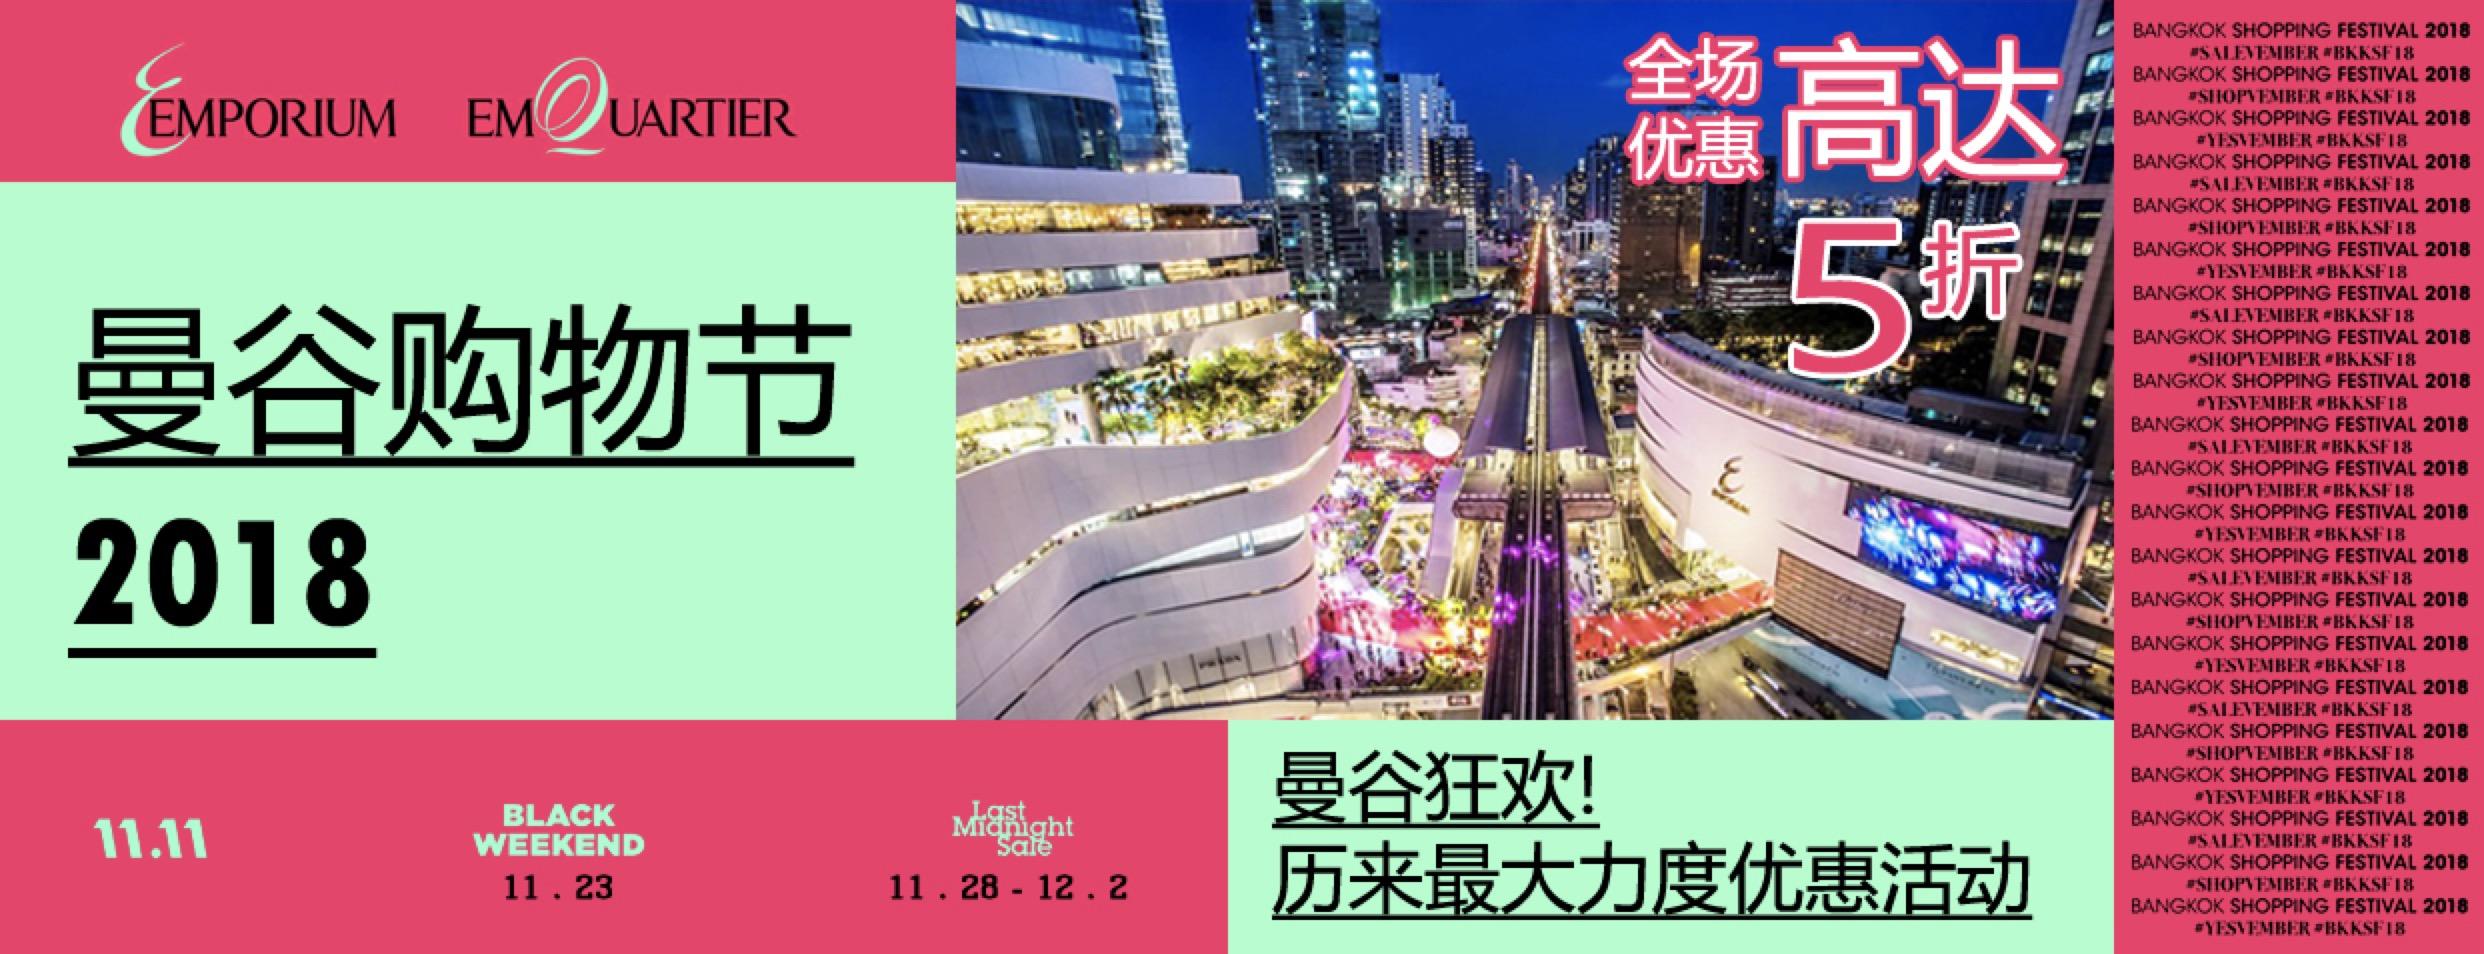 Emporium EmQuartier 2018曼谷购物节